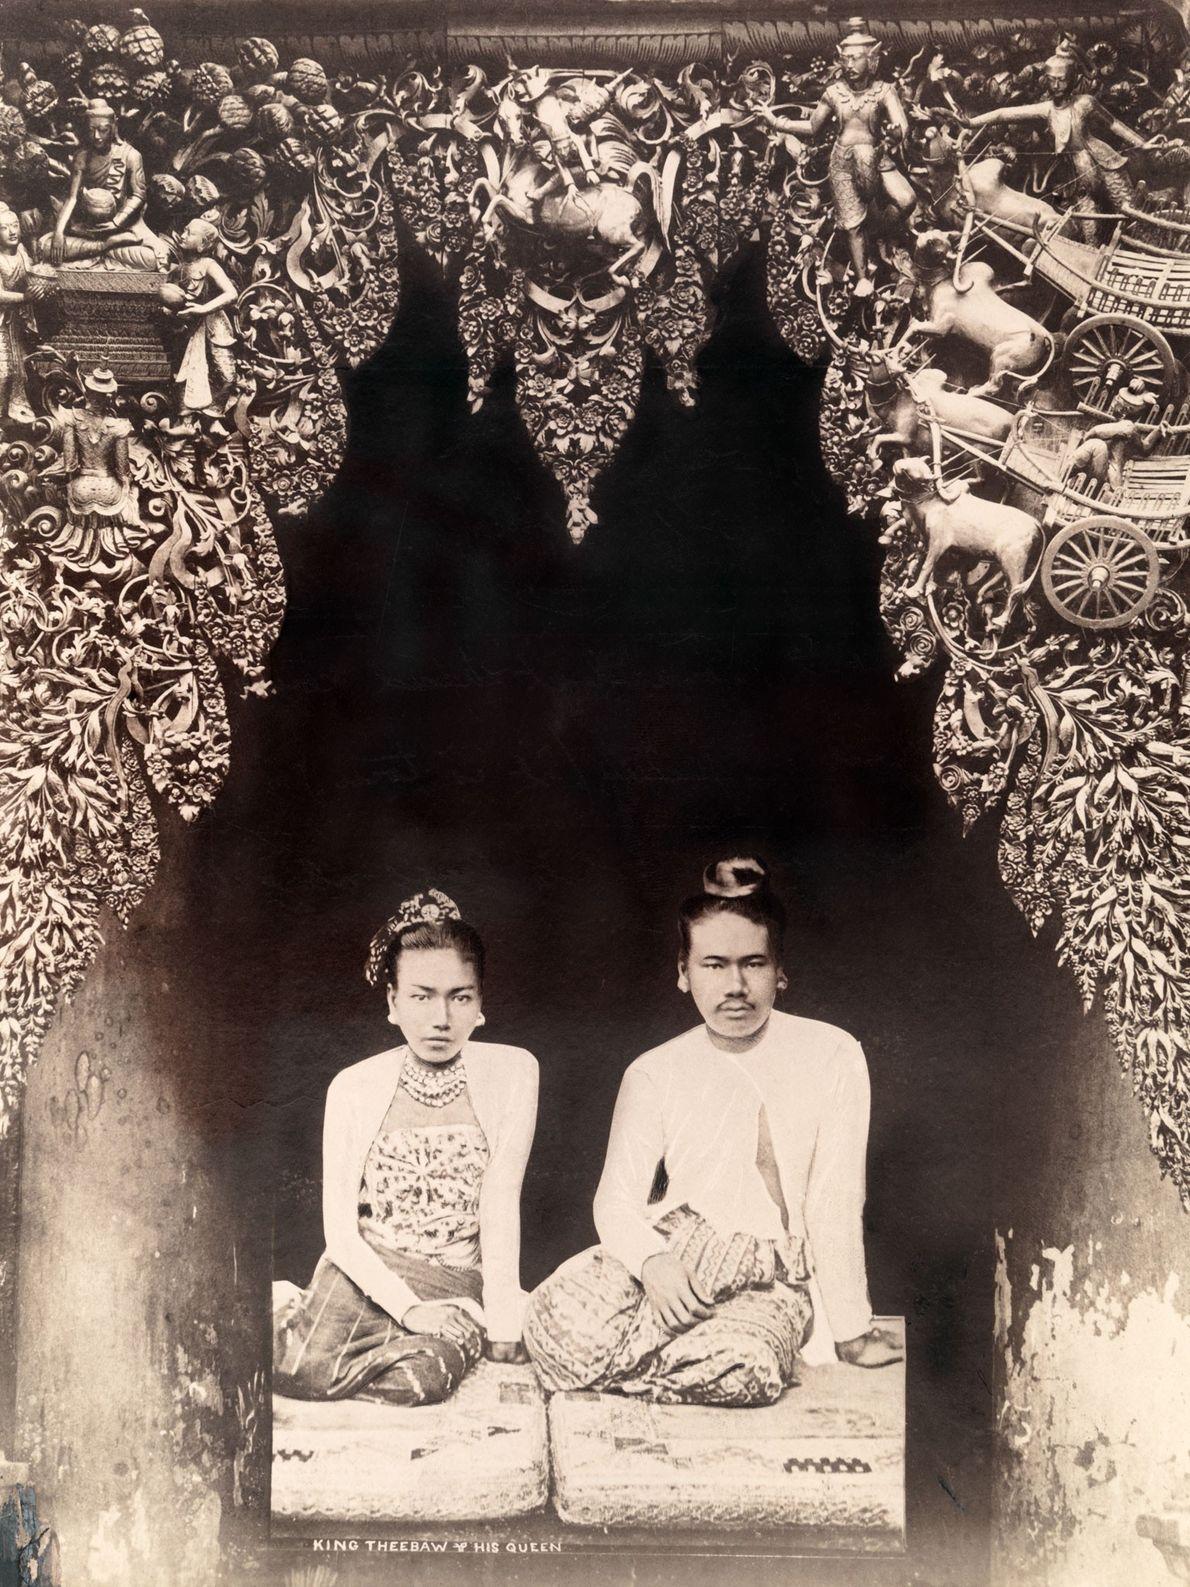 Le roi Thibaw et la reine Supayalat furent les derniers monarques de la Birmanie. Le couple ...